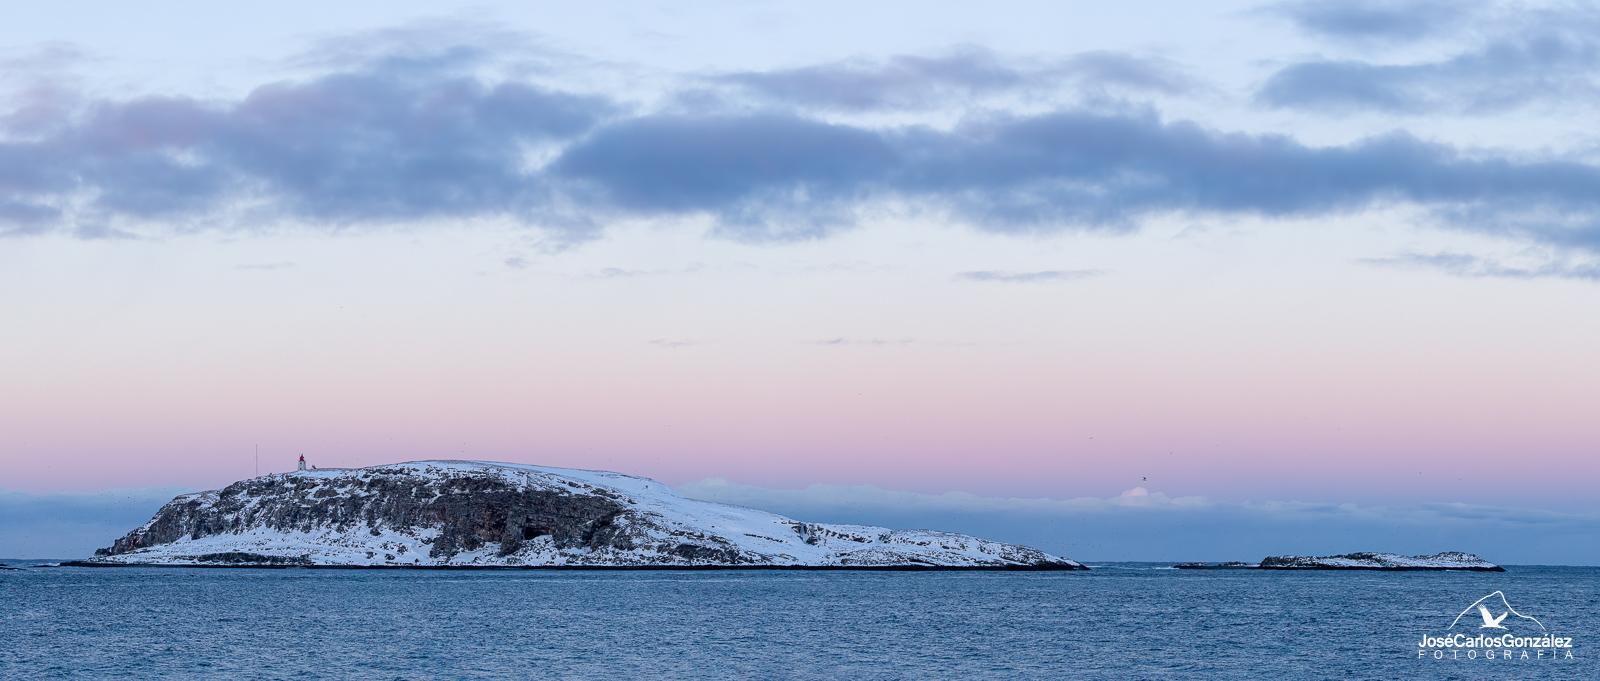 Varanger - Vardø